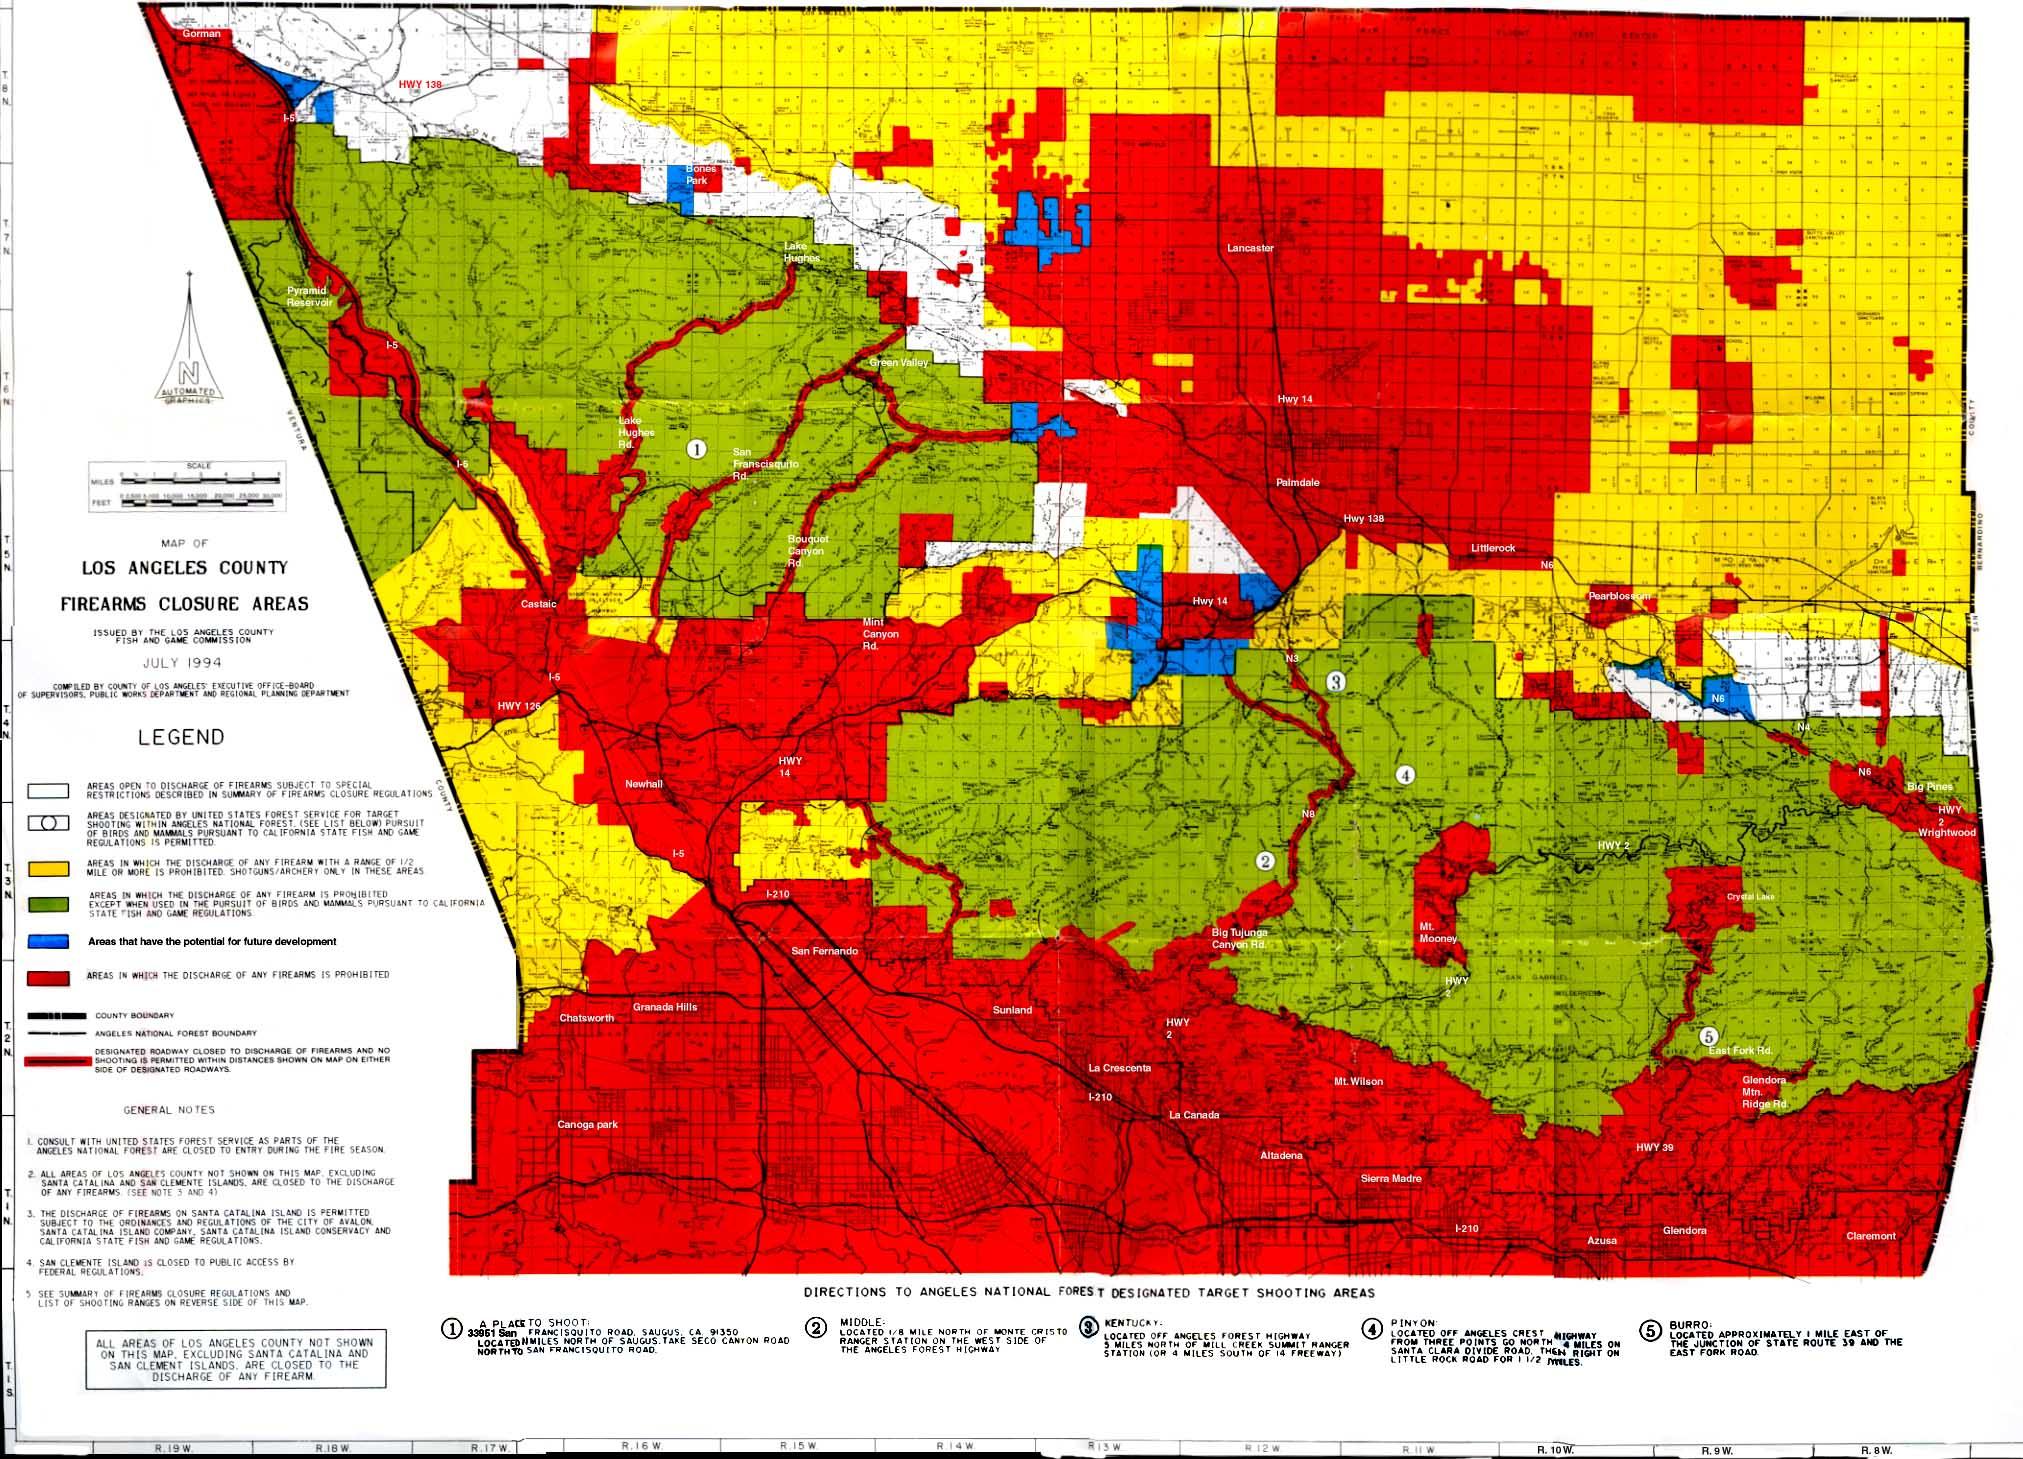 Blm Maps California California River Map Blm Map California Maps - Southern California Hunting Maps